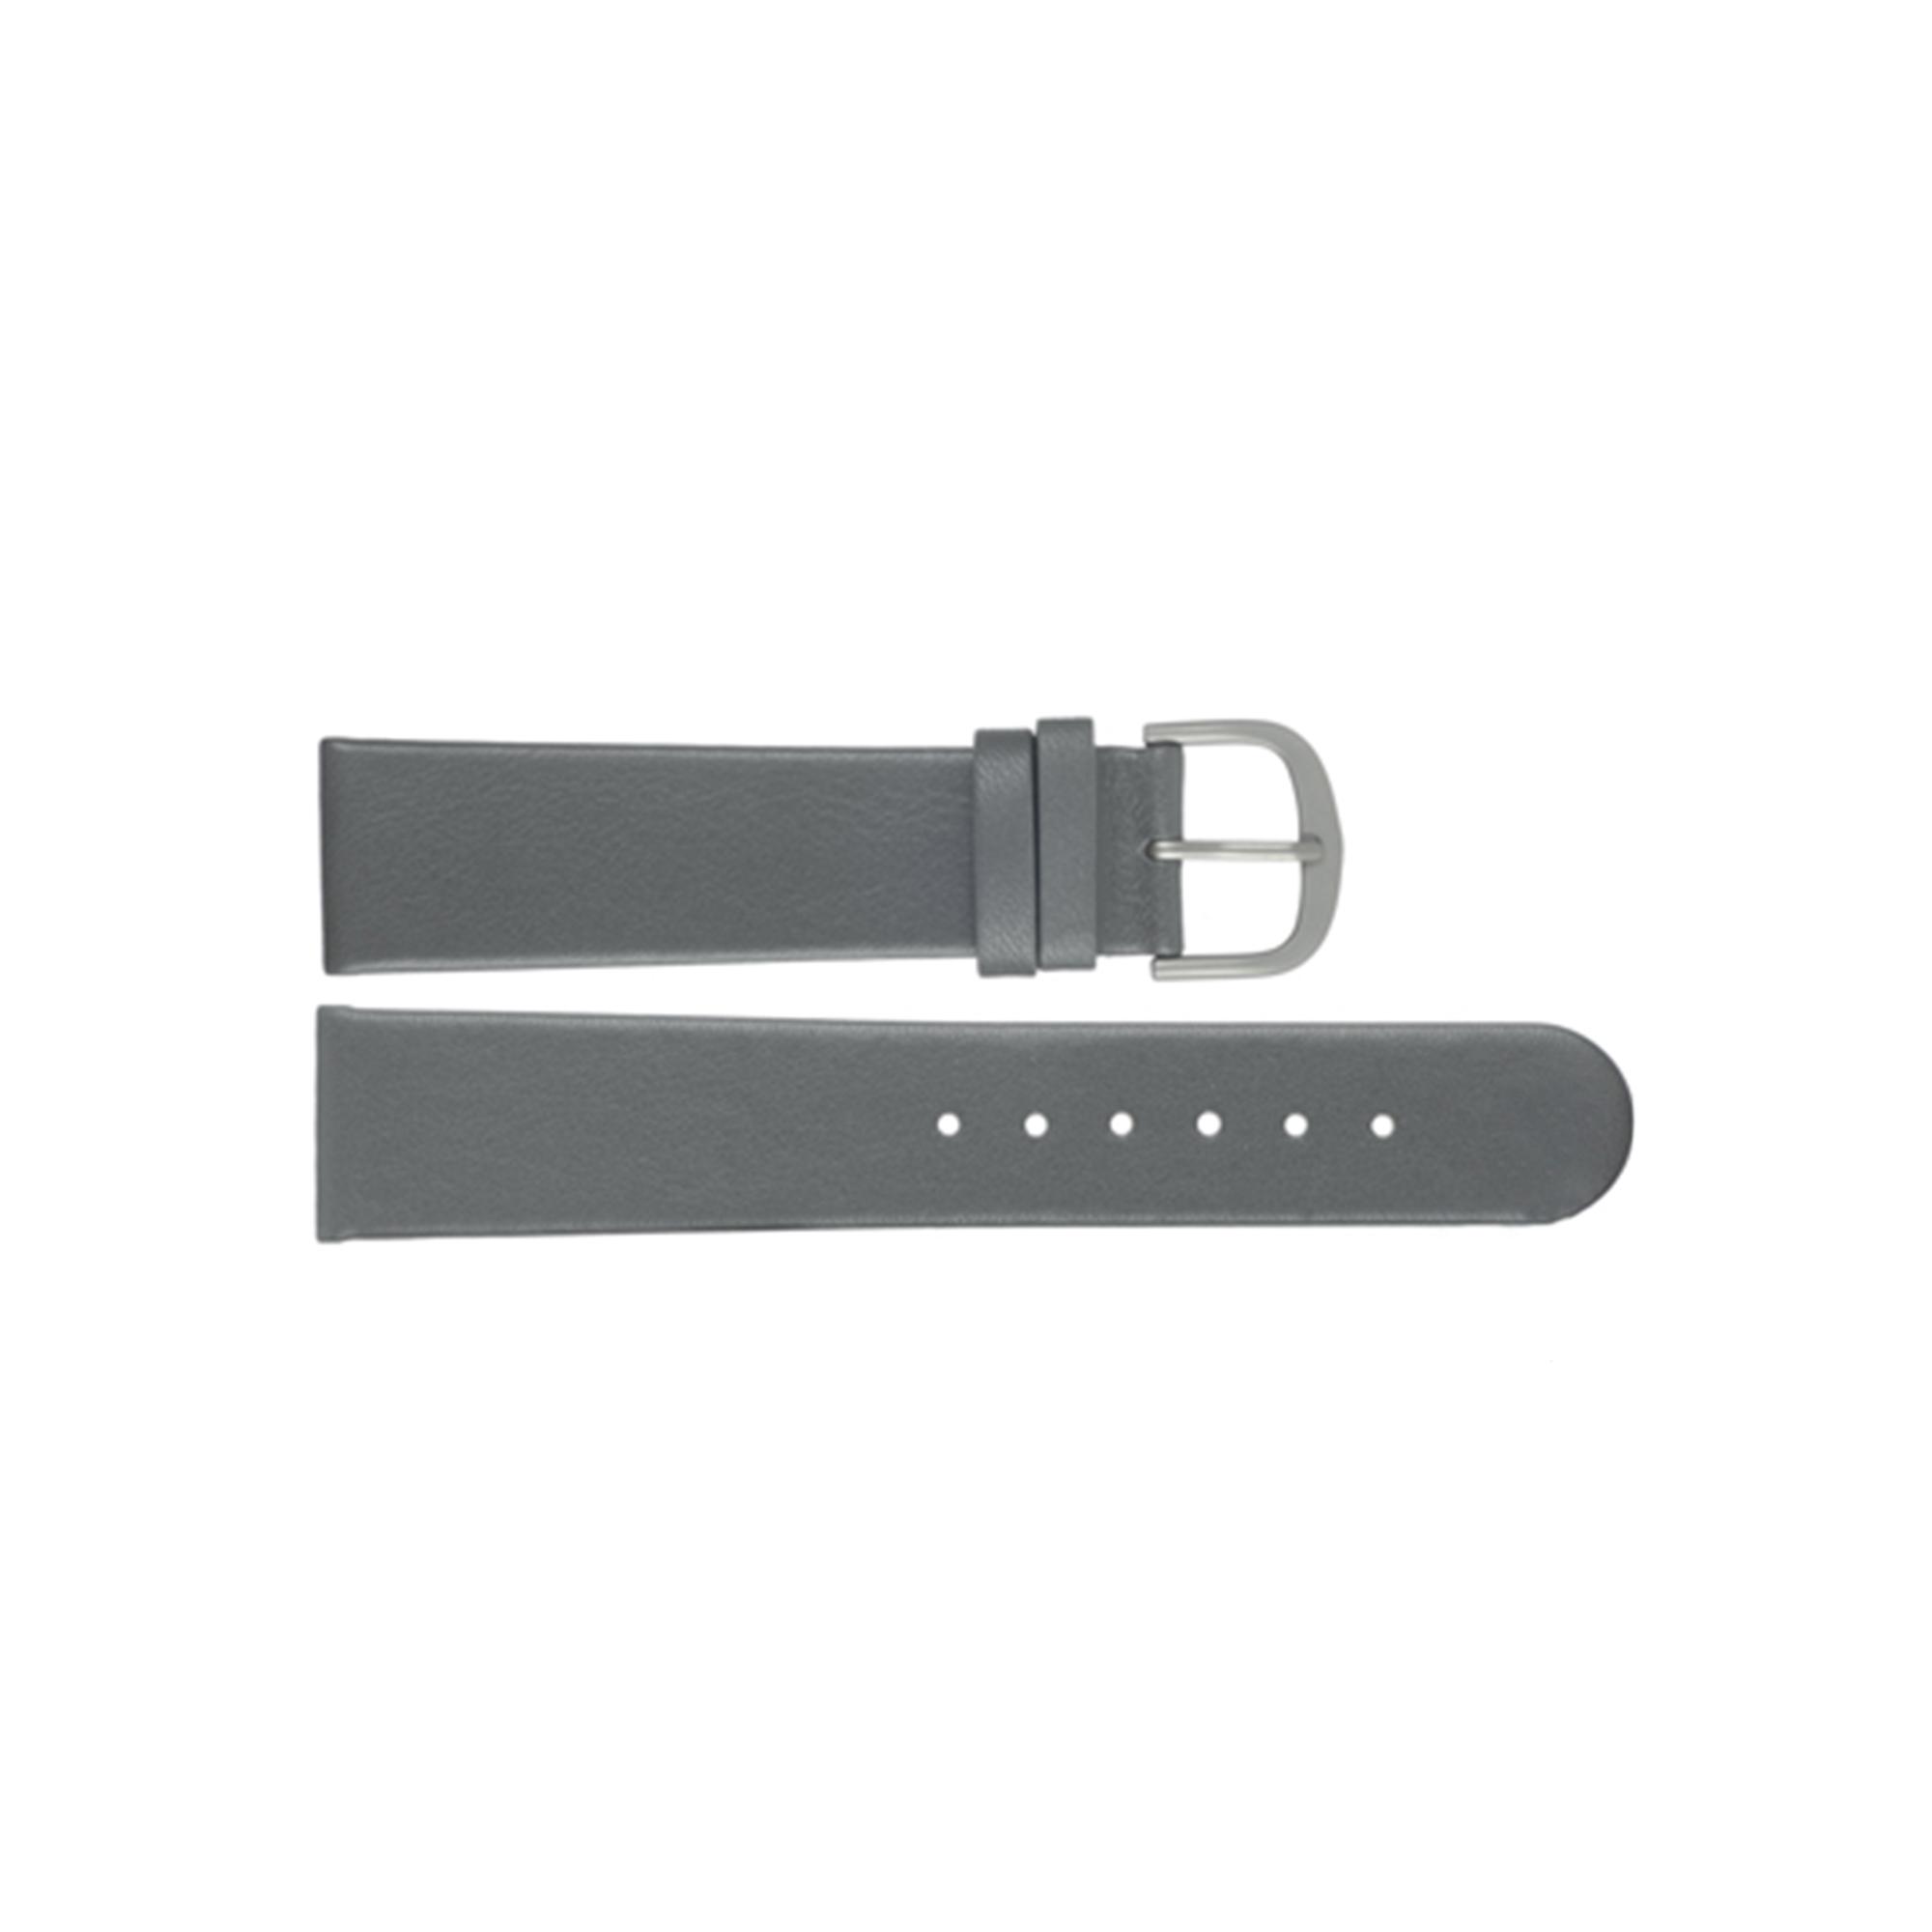 Danish Design horlogeband ADDGR22 Leder Grijs 22mm